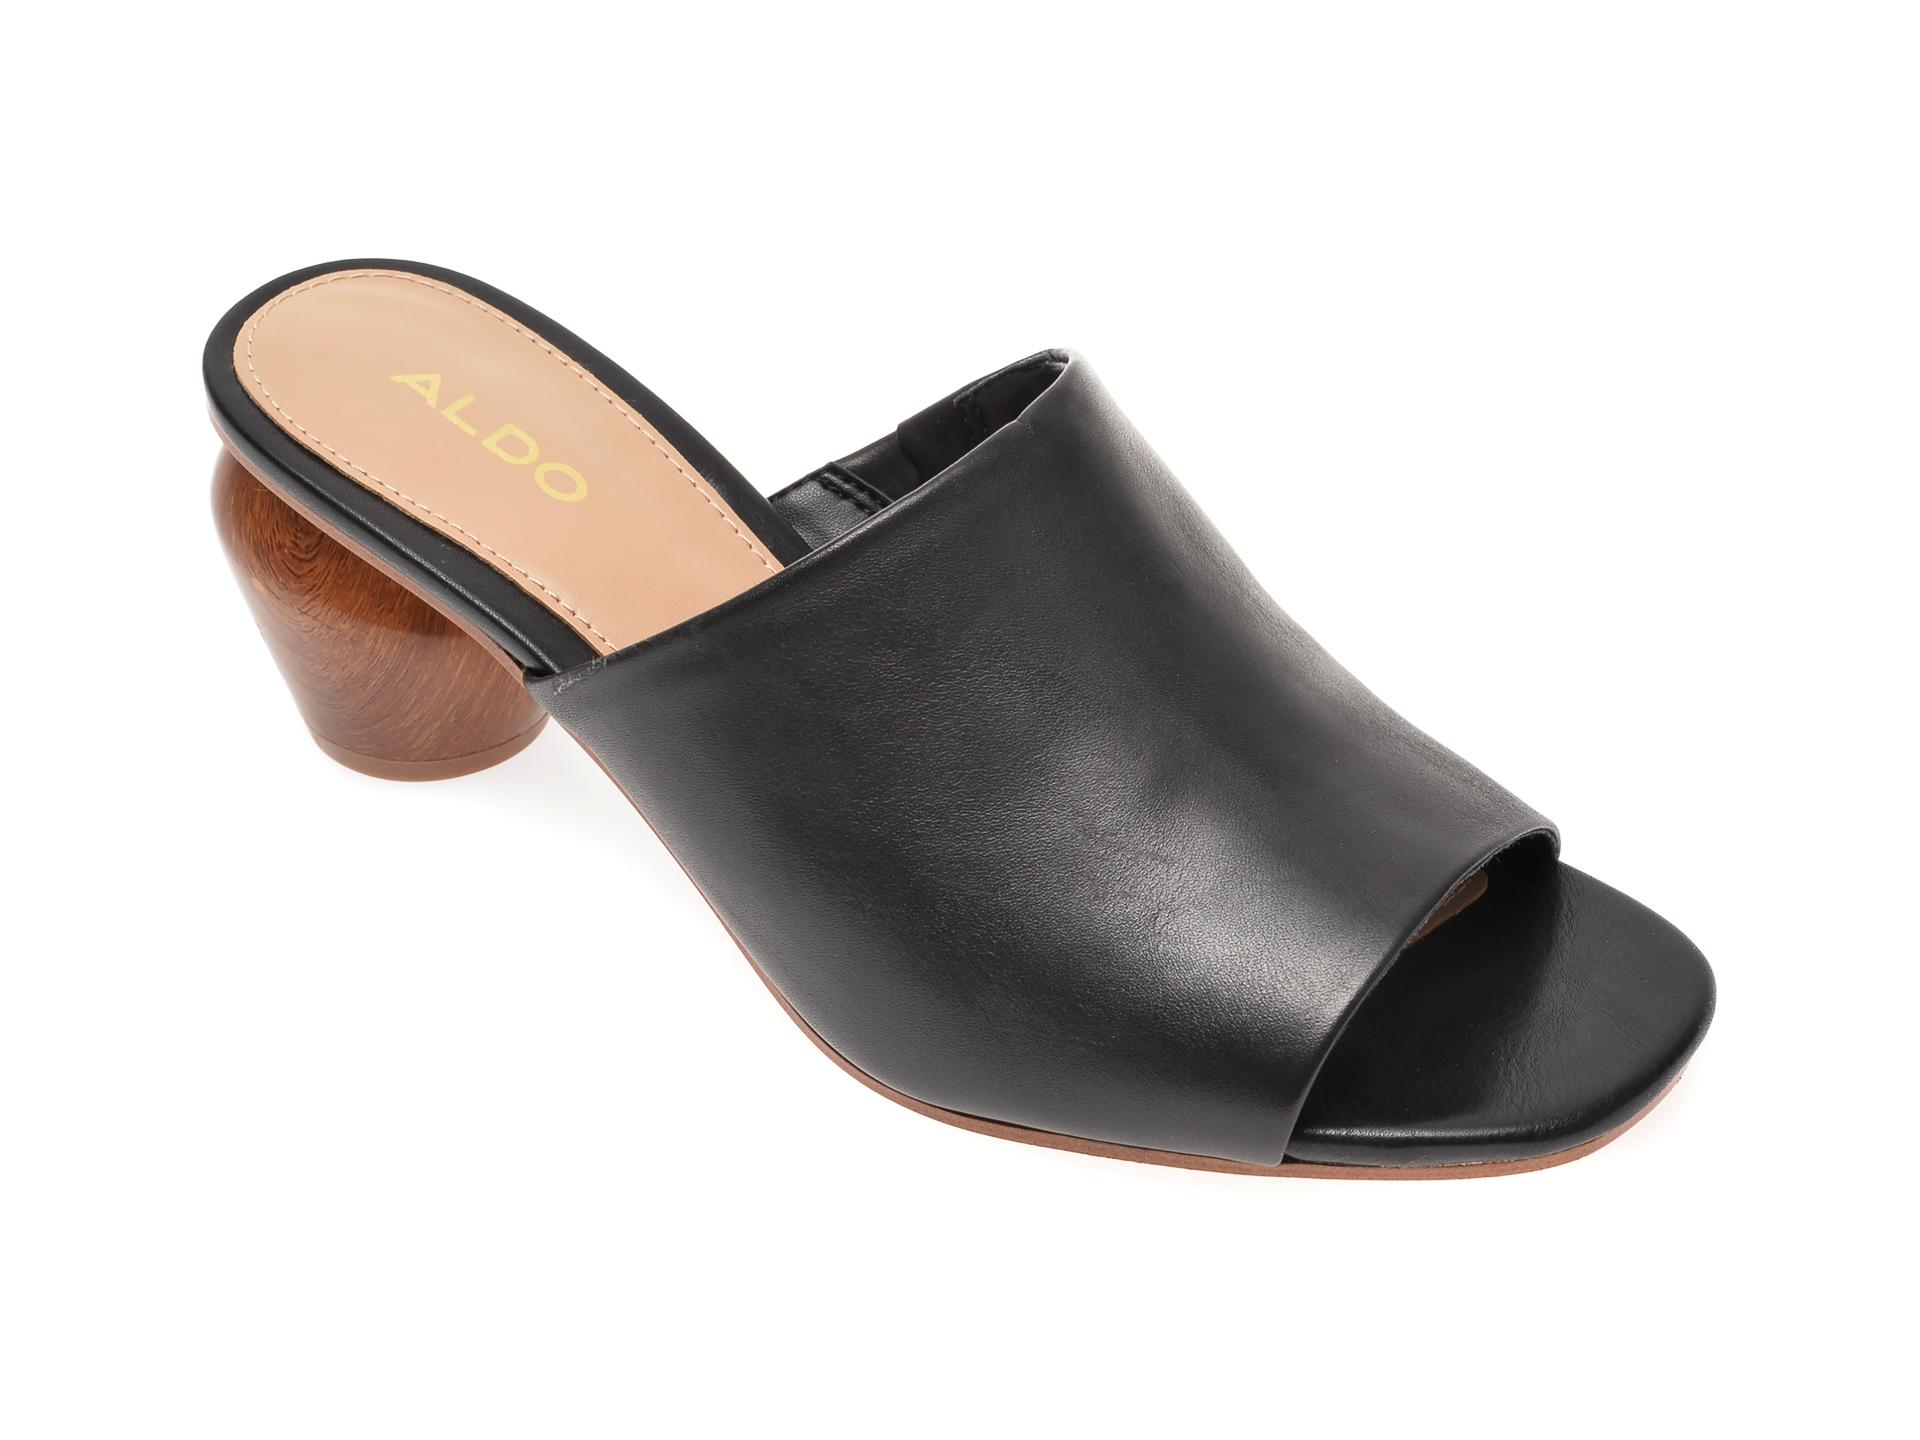 Papuci ALDO negri, Jamelle001, din piele naturala